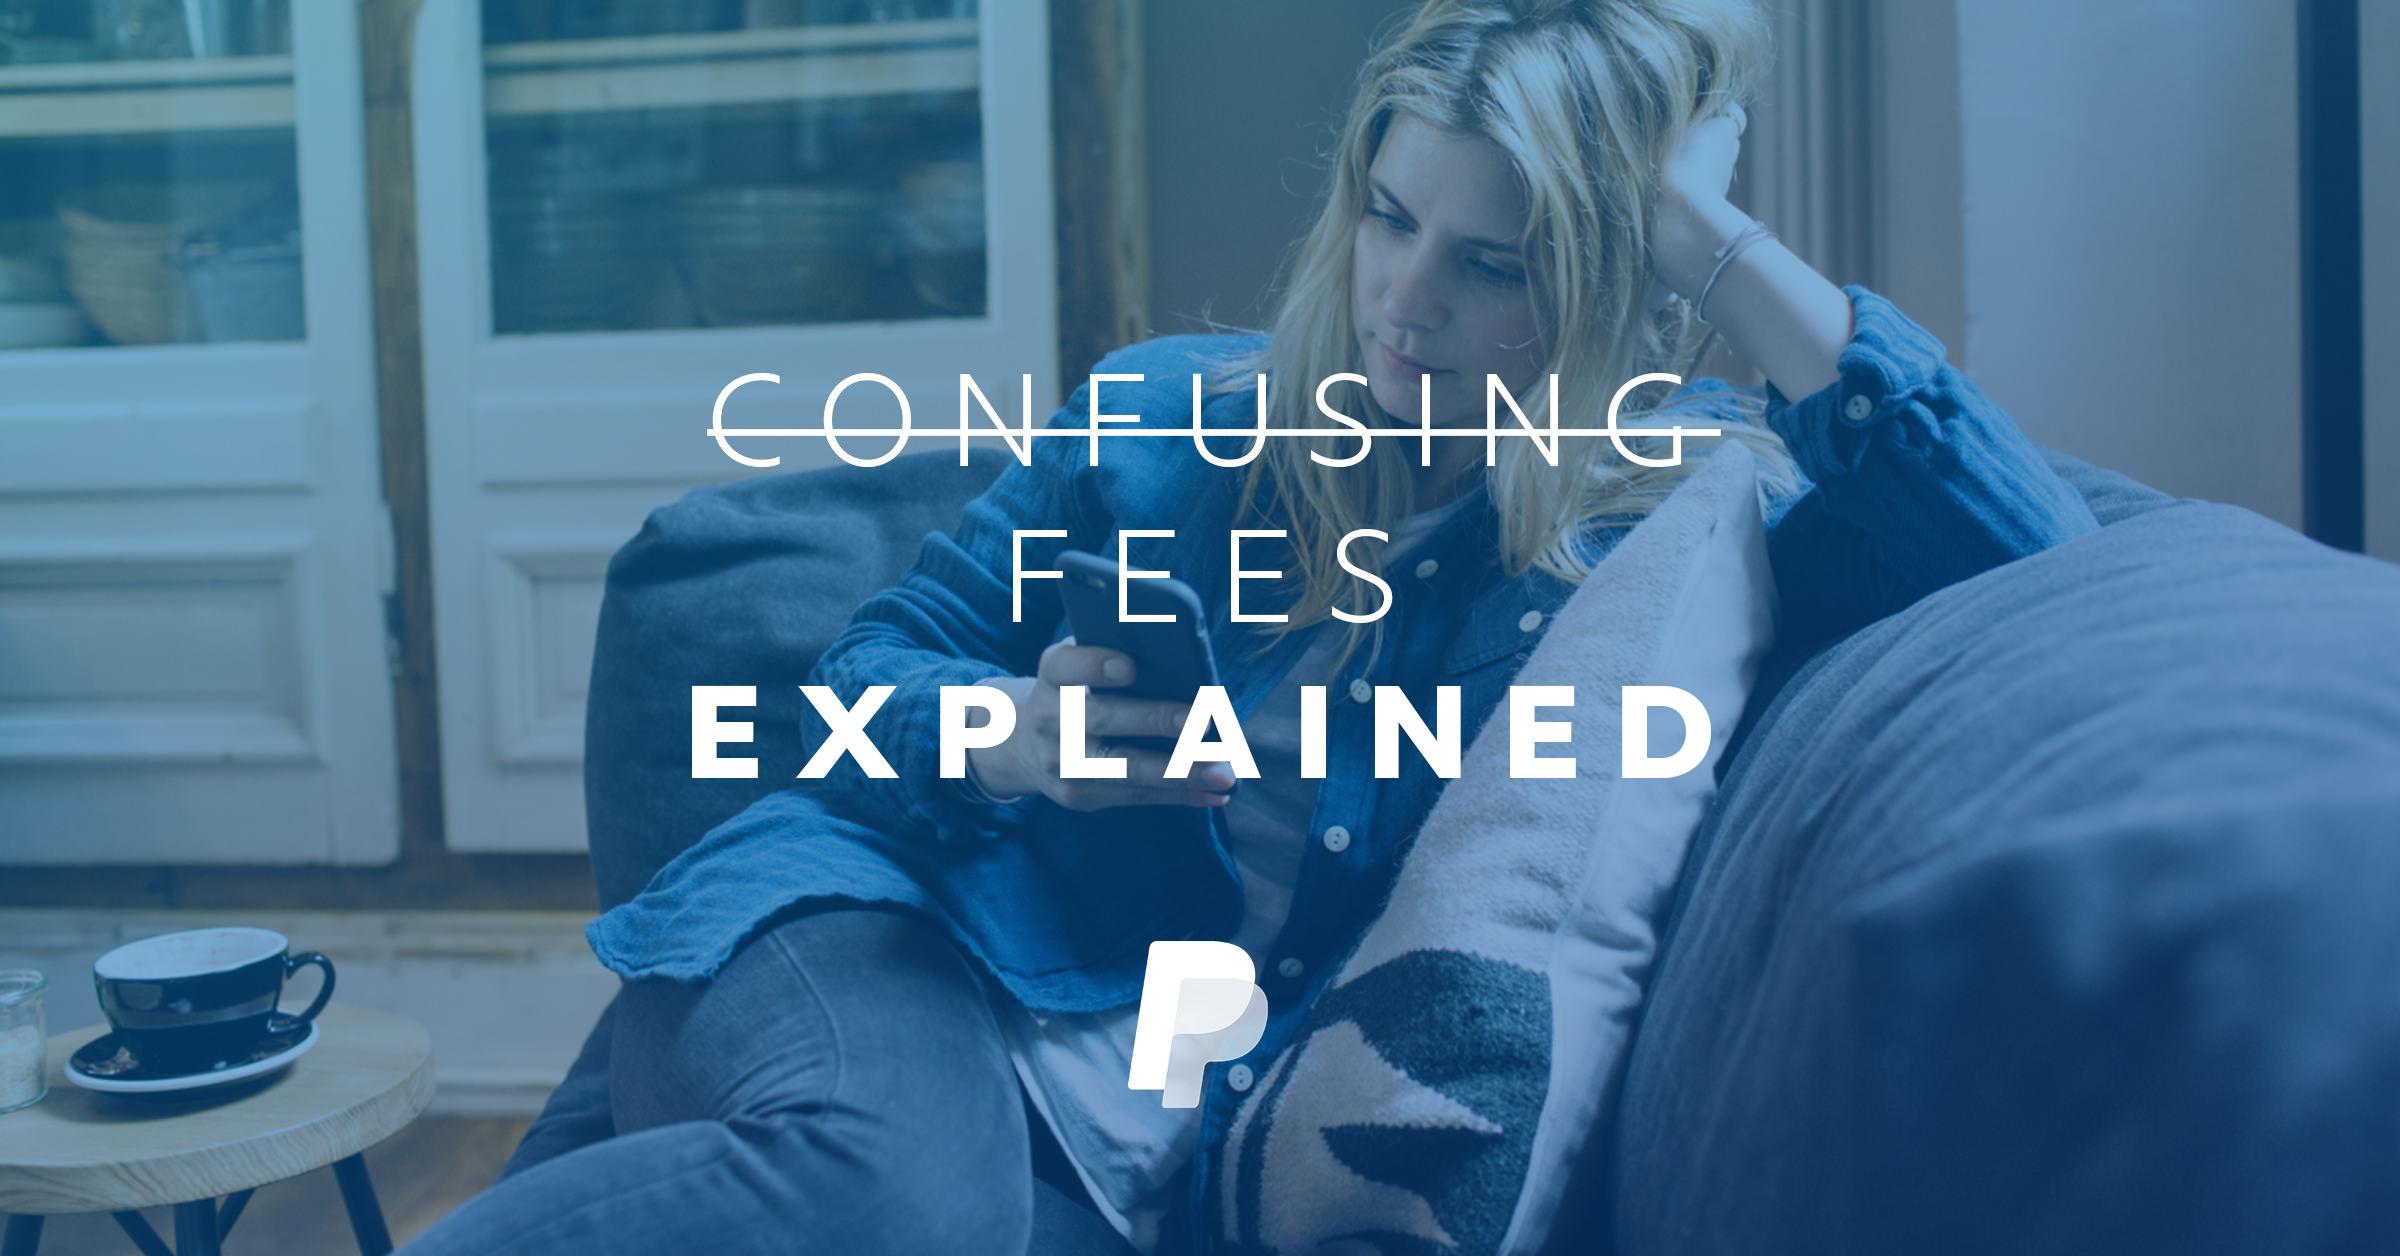 041717_0005_Fees Explained.jpg